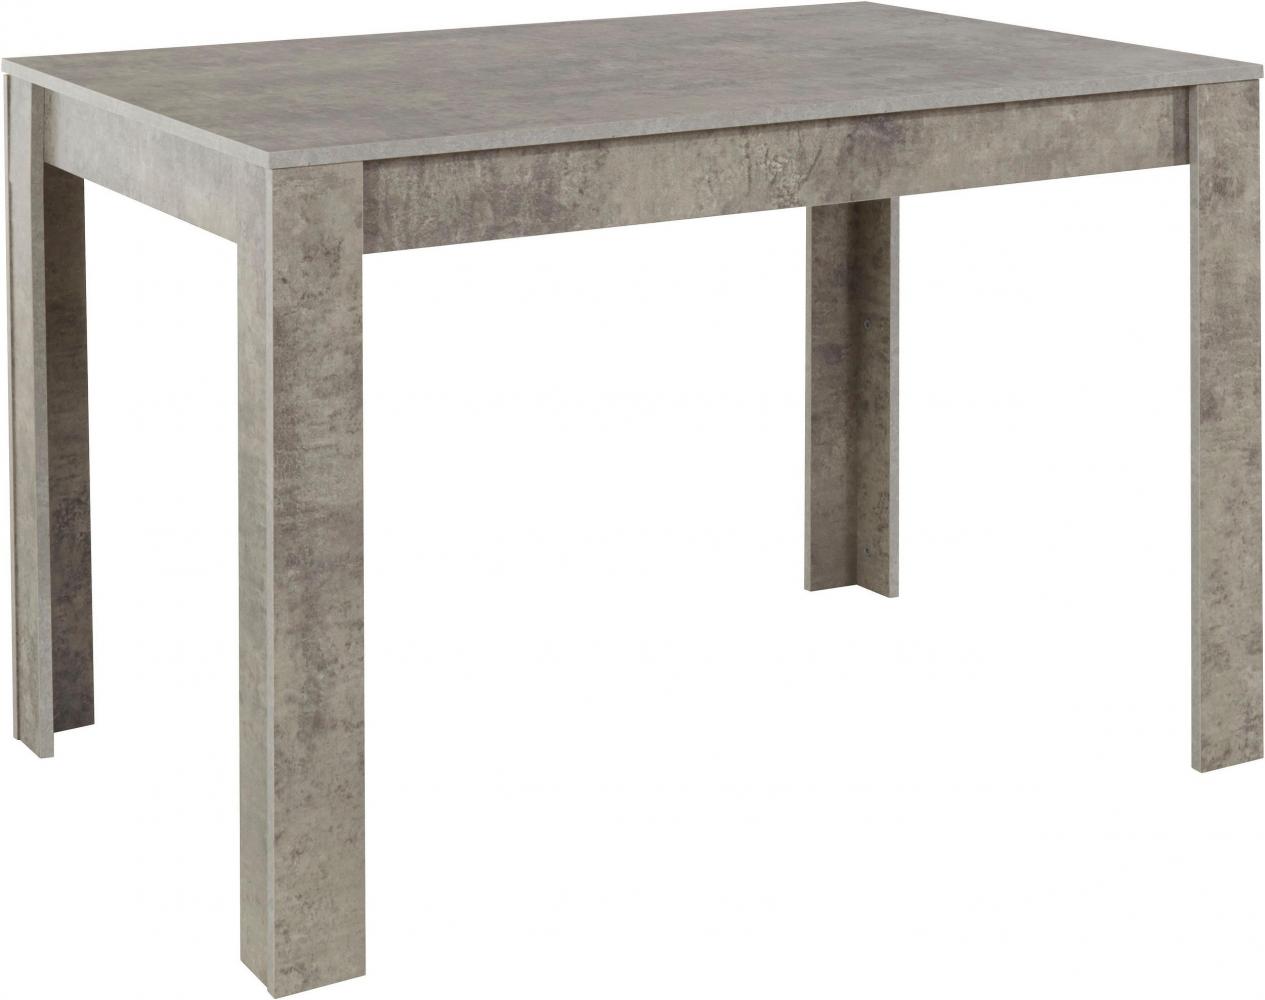 Jídelní stůl Lora II., 120 cm, pohledový beton